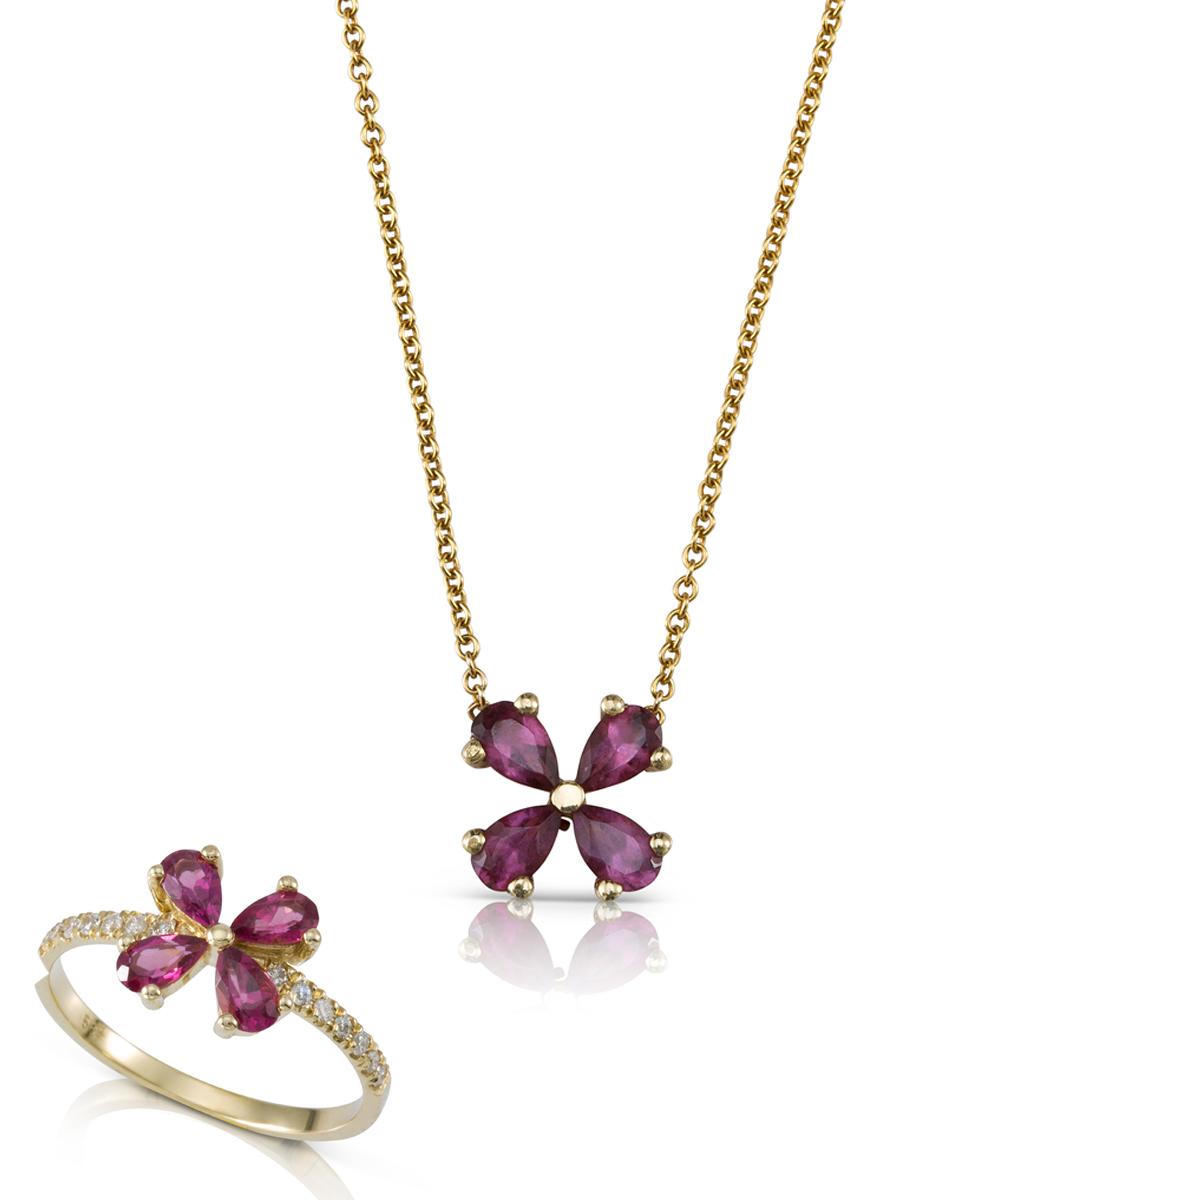 סט תכשיטי זהב ואבני רודולייט בצורת פרח